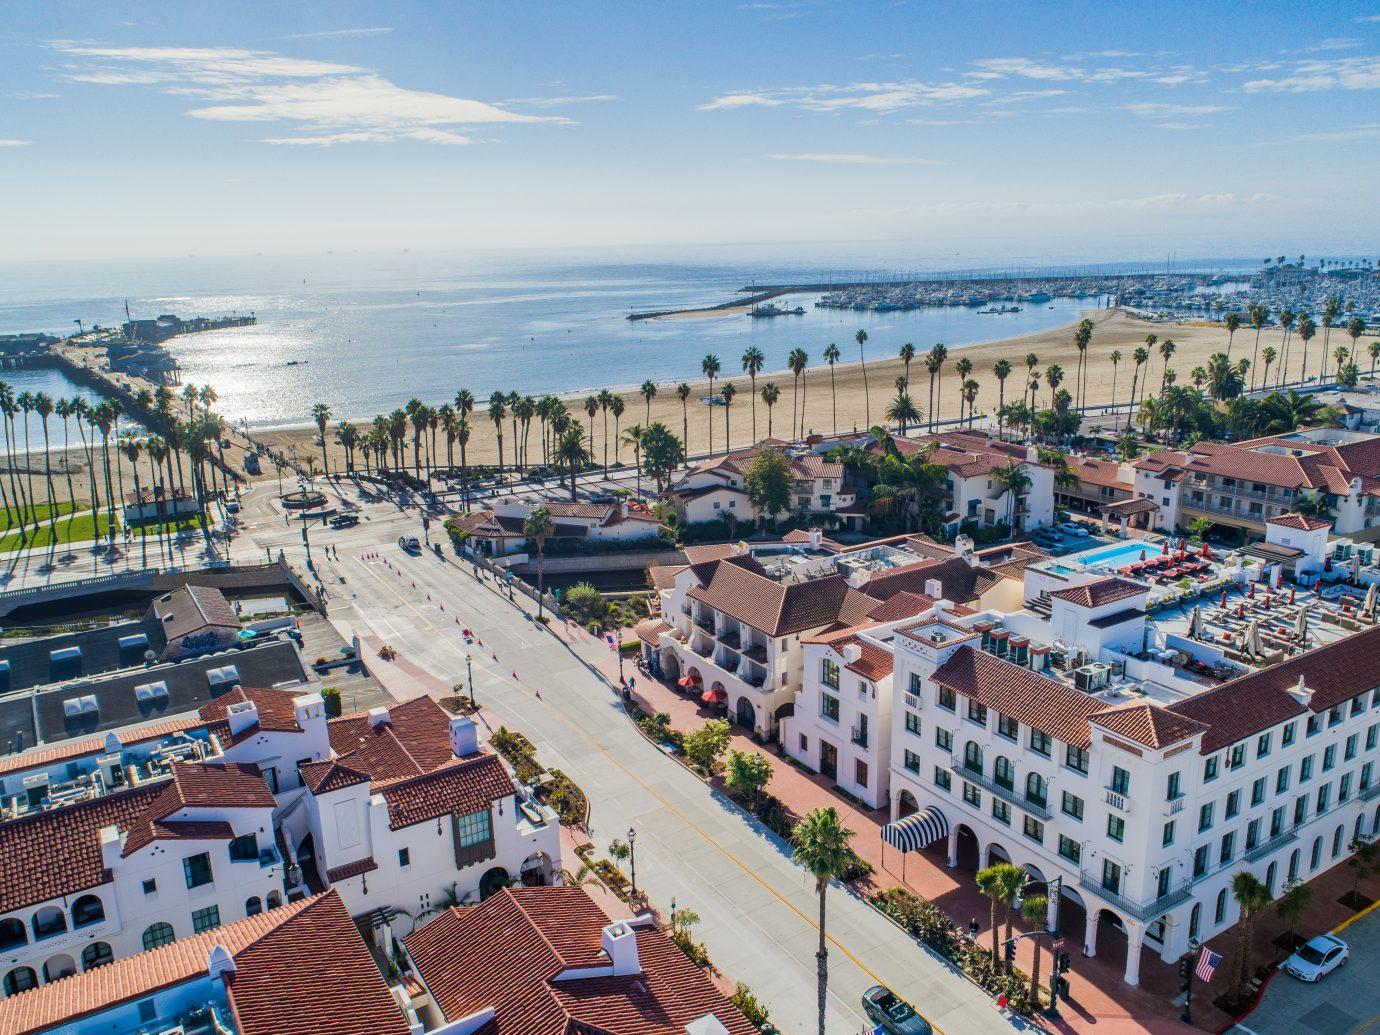 Aerial of Hotel Californian, Santa Barbara, CA